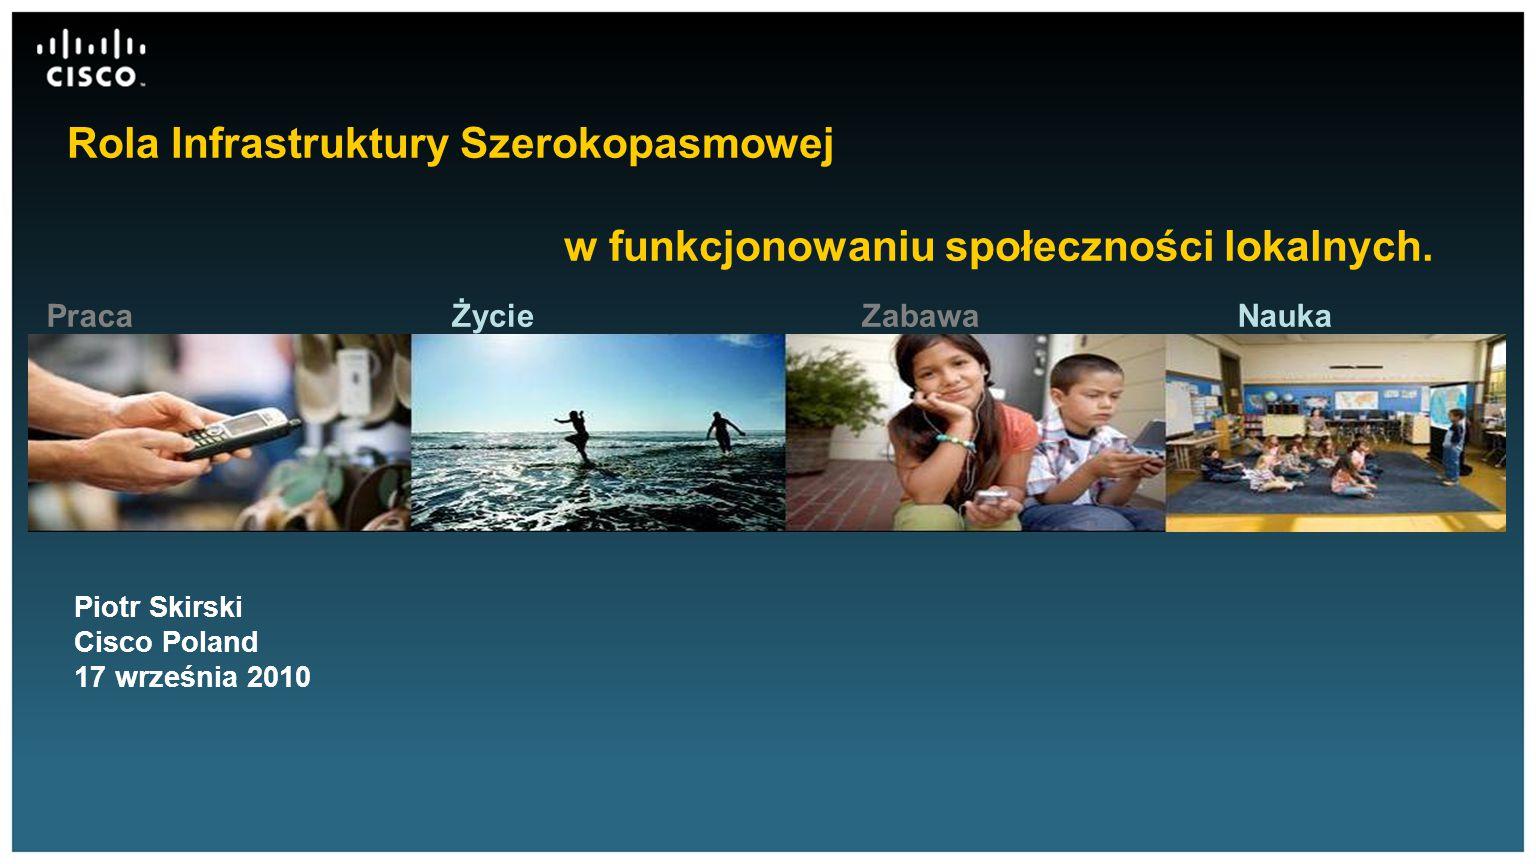 Rola Infrastruktury Szerokopasmowej w funkcjonowaniu społeczności lokalnych.